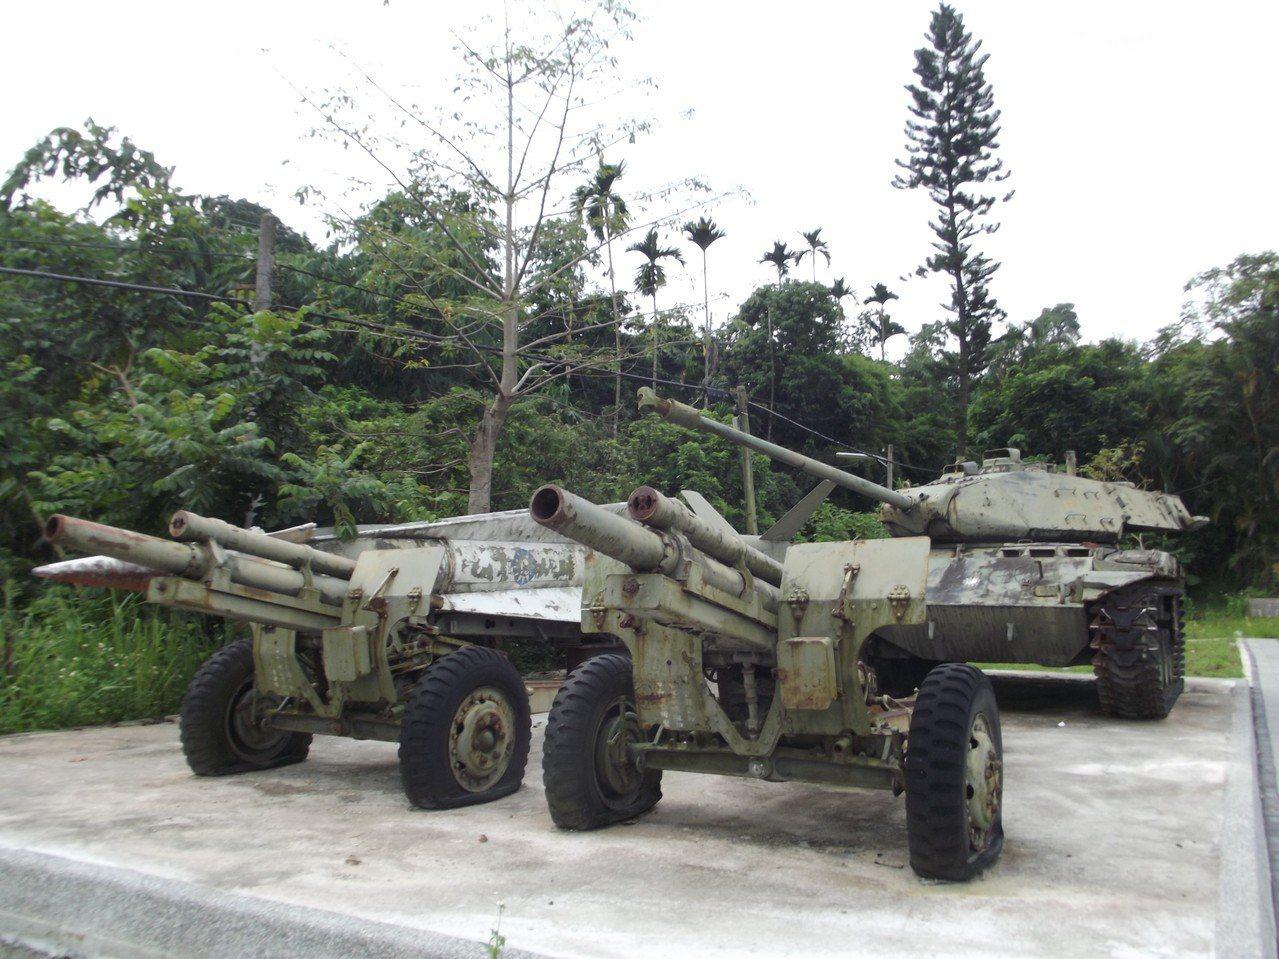 這些退役武器如今被棄置在停車場角落。記者謝恩得/攝影